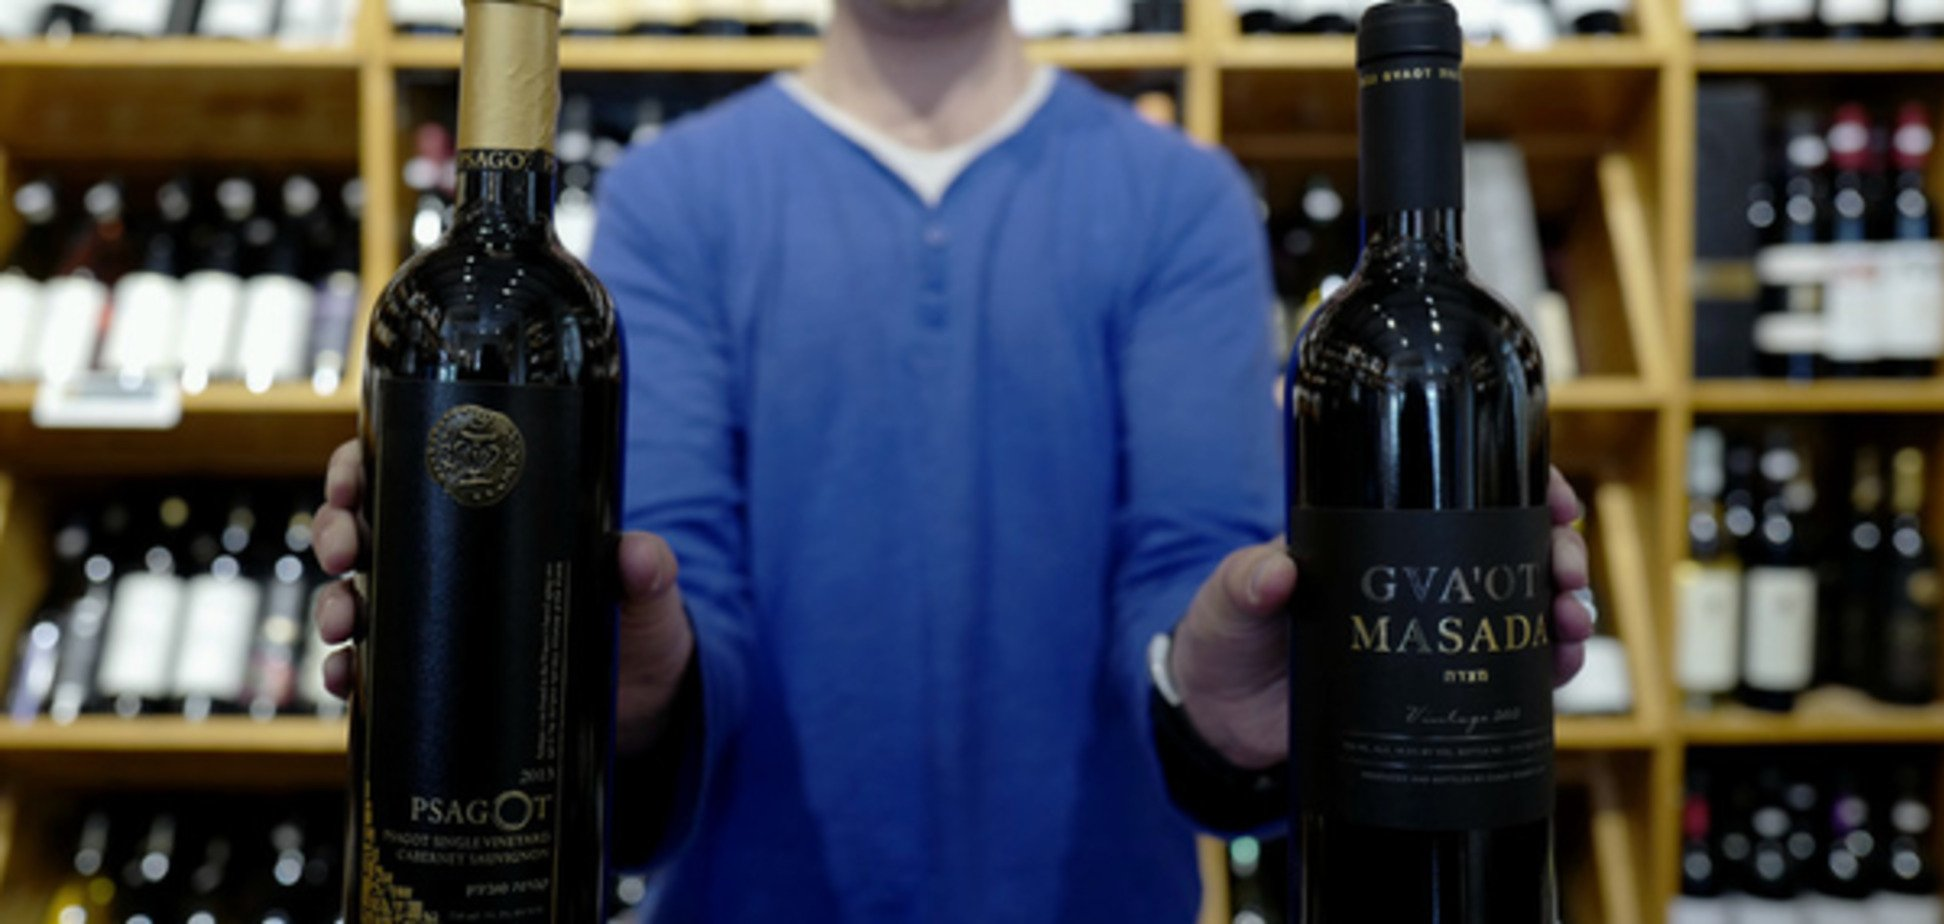 В Ізраїлі створять 'божественне' вино, яке пив Христос